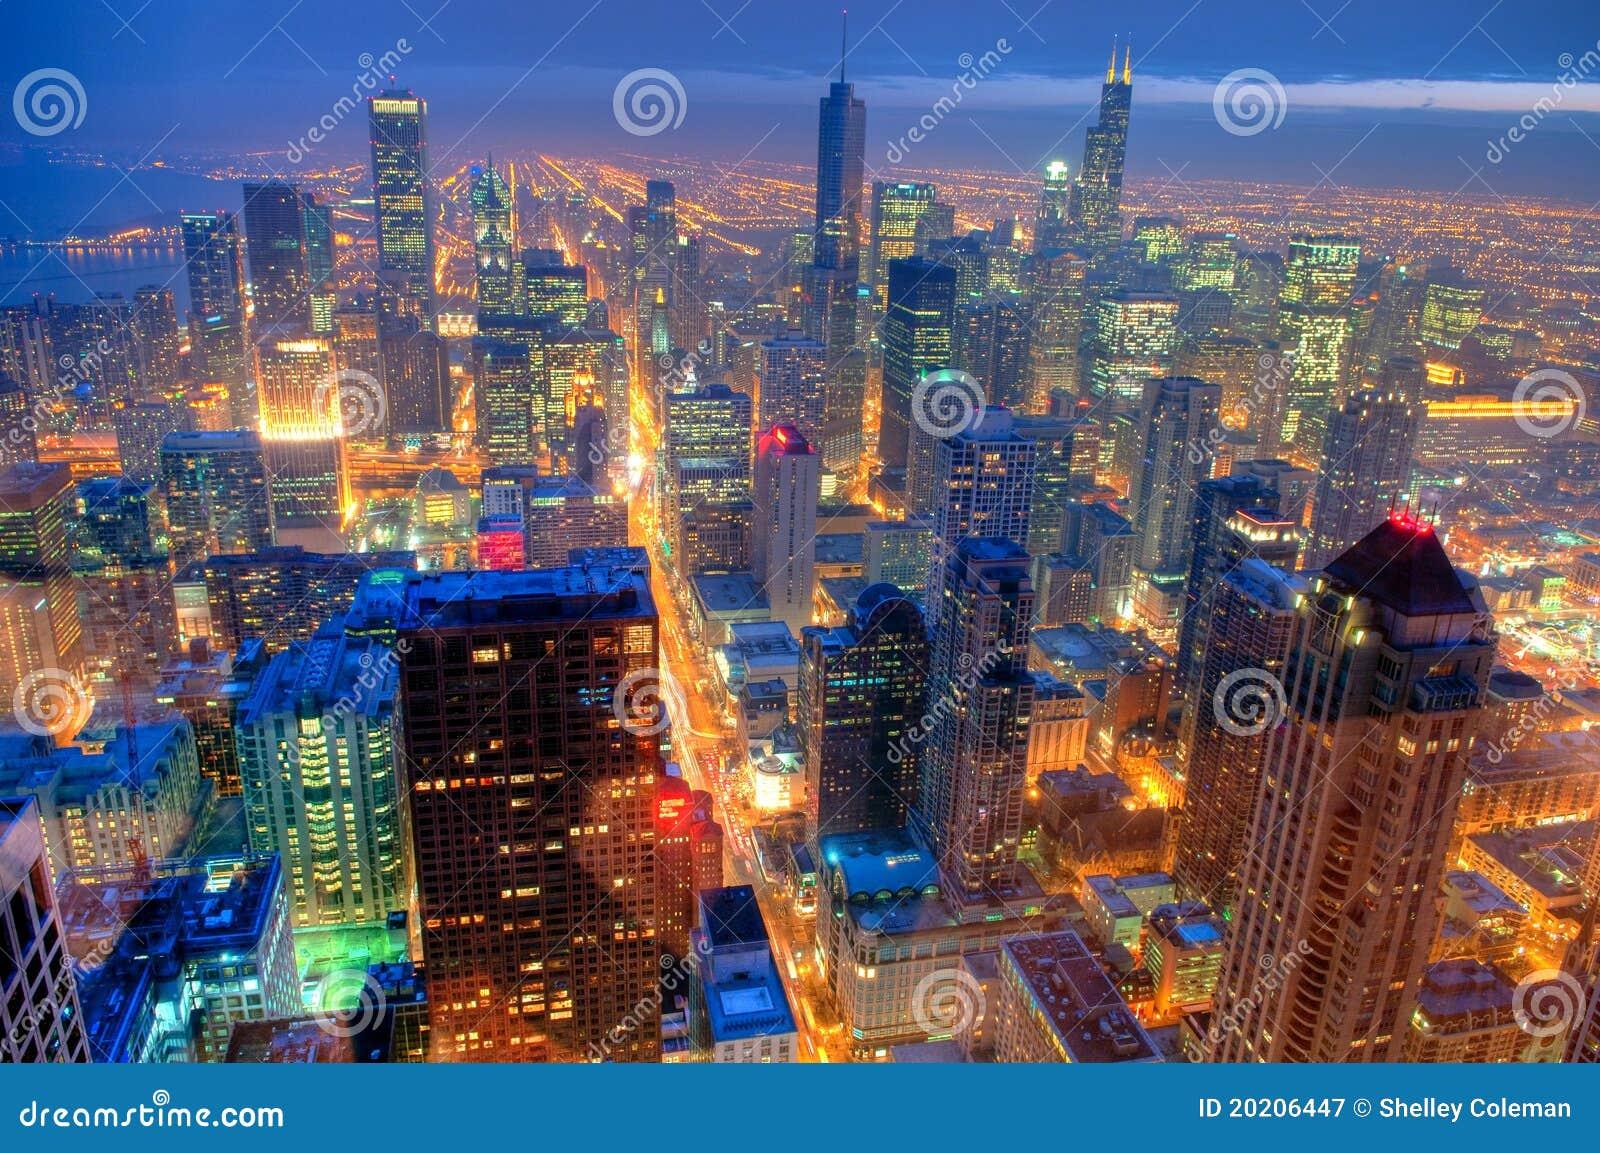 Skyline de Chicago na noite.